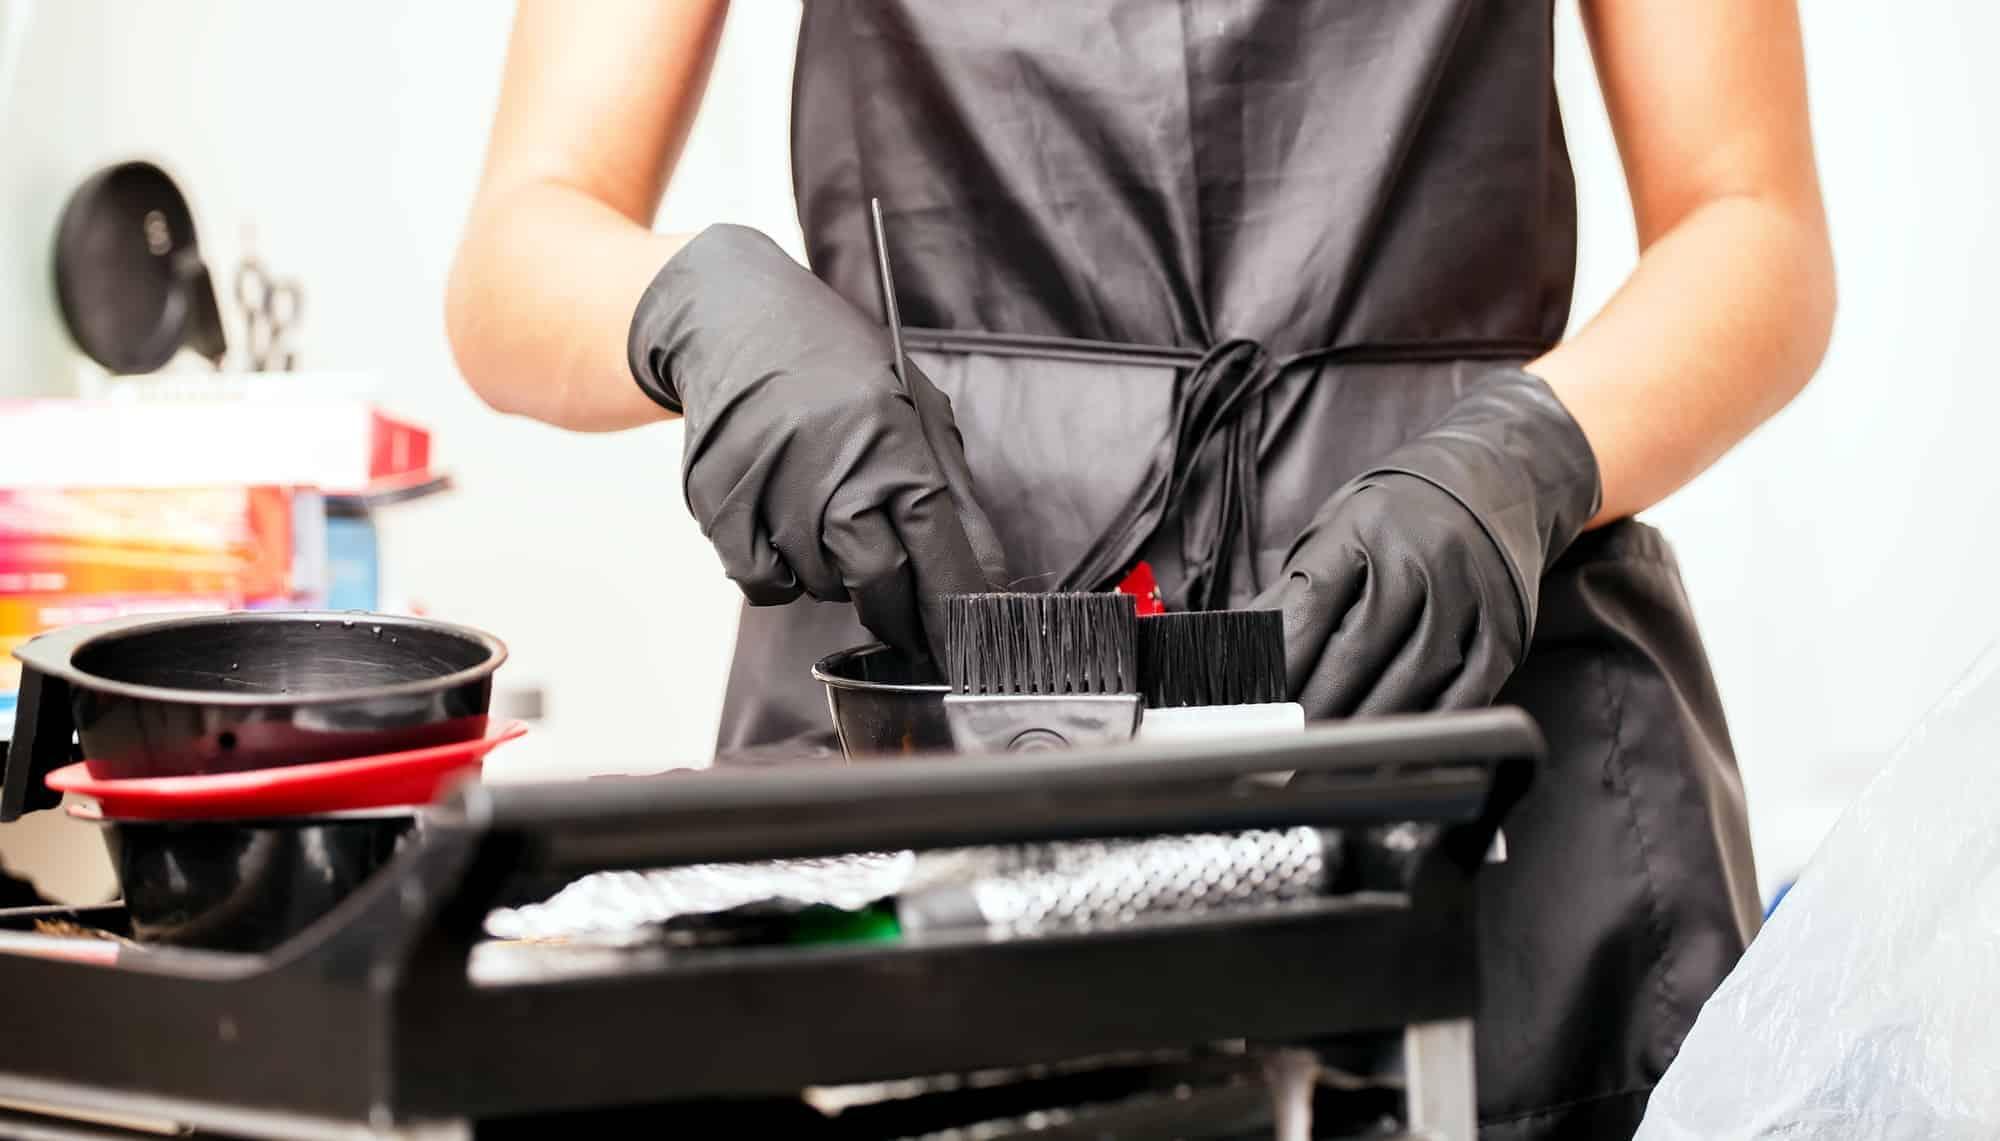 girl in black gloves hairdresser mixes hair dye